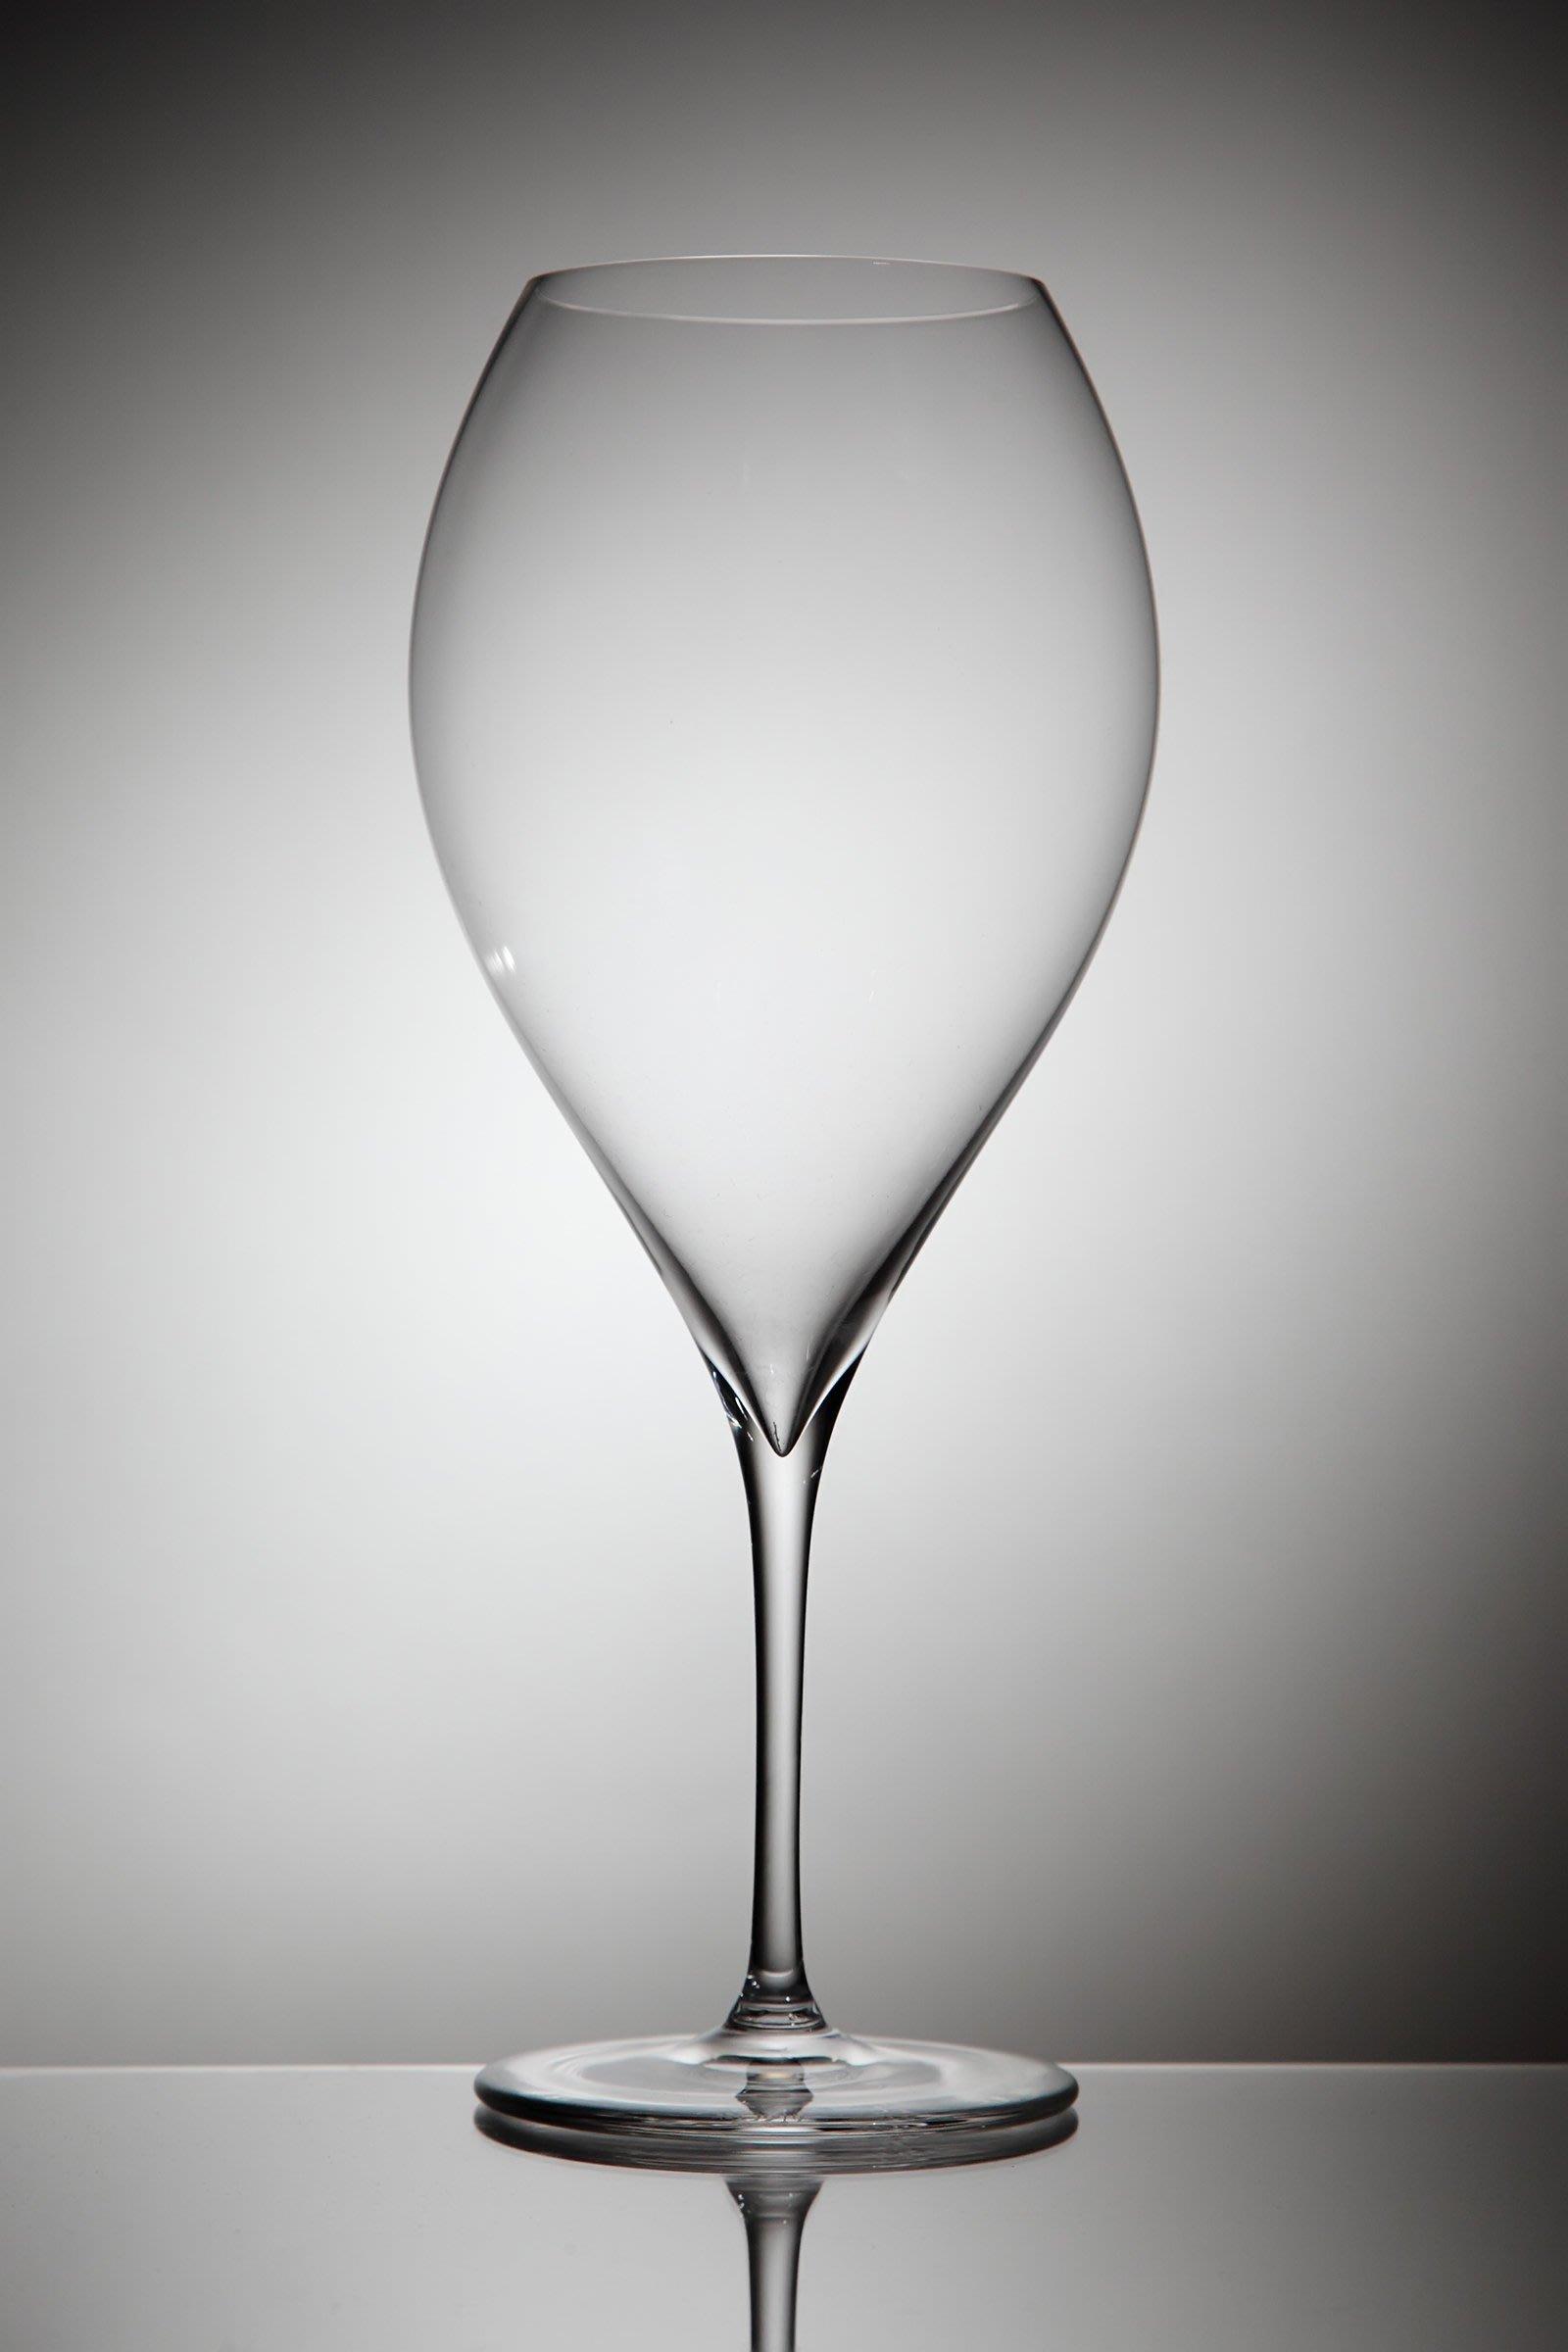 ☆波西米亞人☆斯洛伐克RONA 手工酒杯 Sensual 頂級專業杯系列 葡萄酒杯490ml